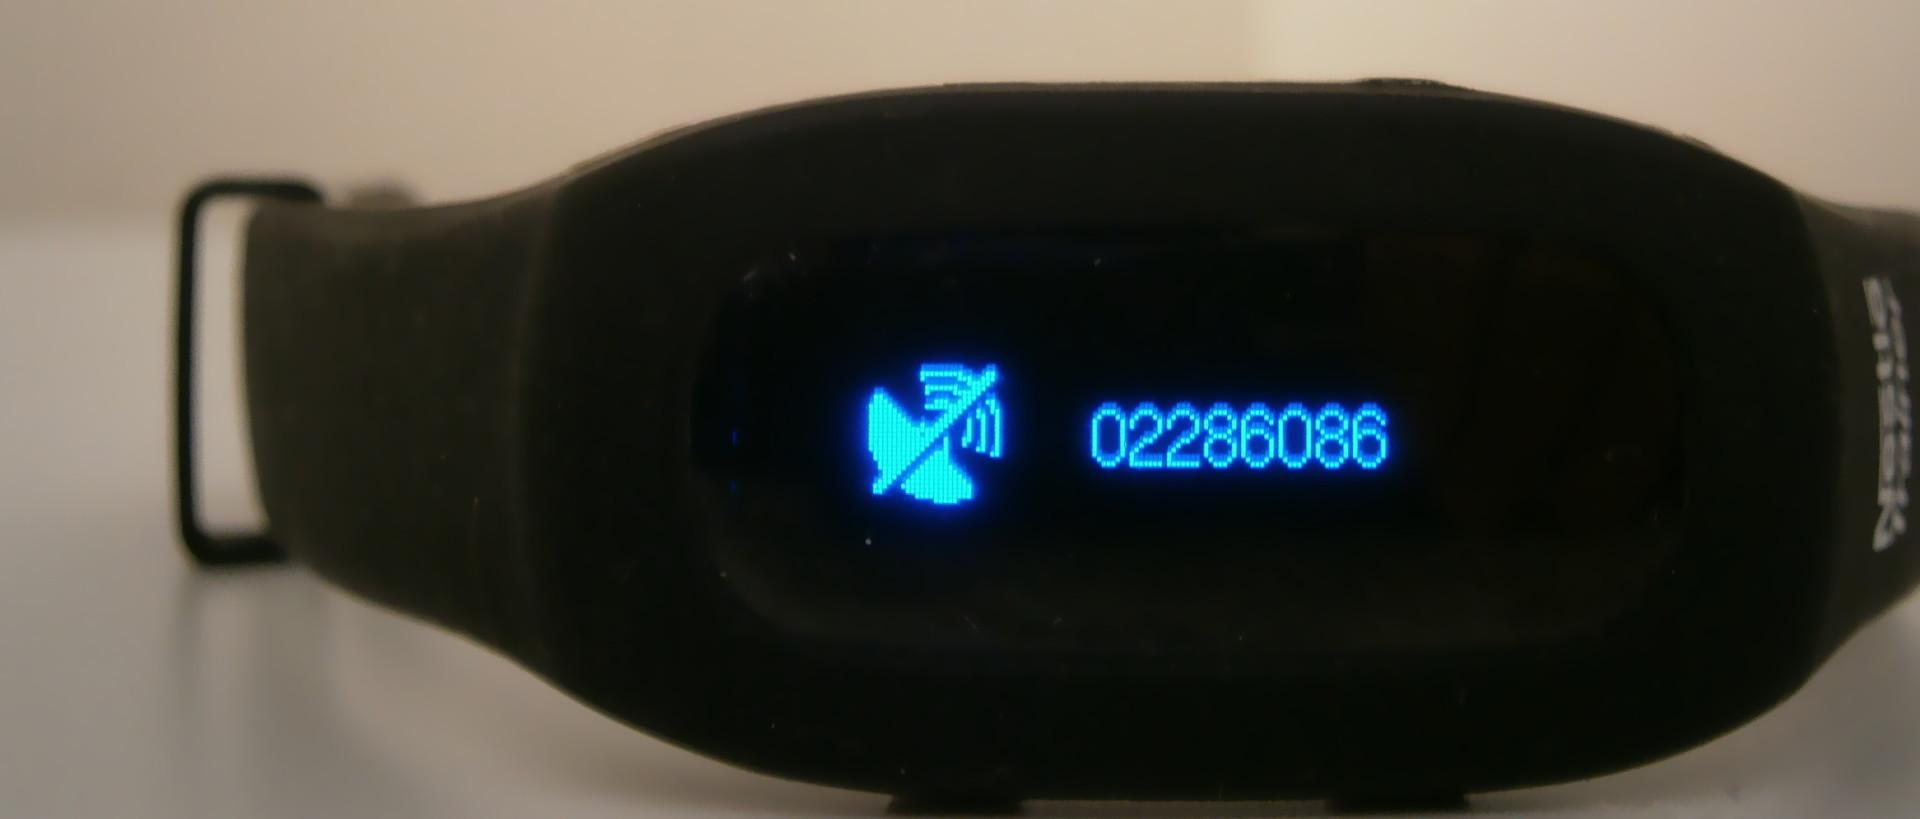 0378fa8be Nestlé Trainer como monitor de actividad, ¿merece la pena? - Thinkeando